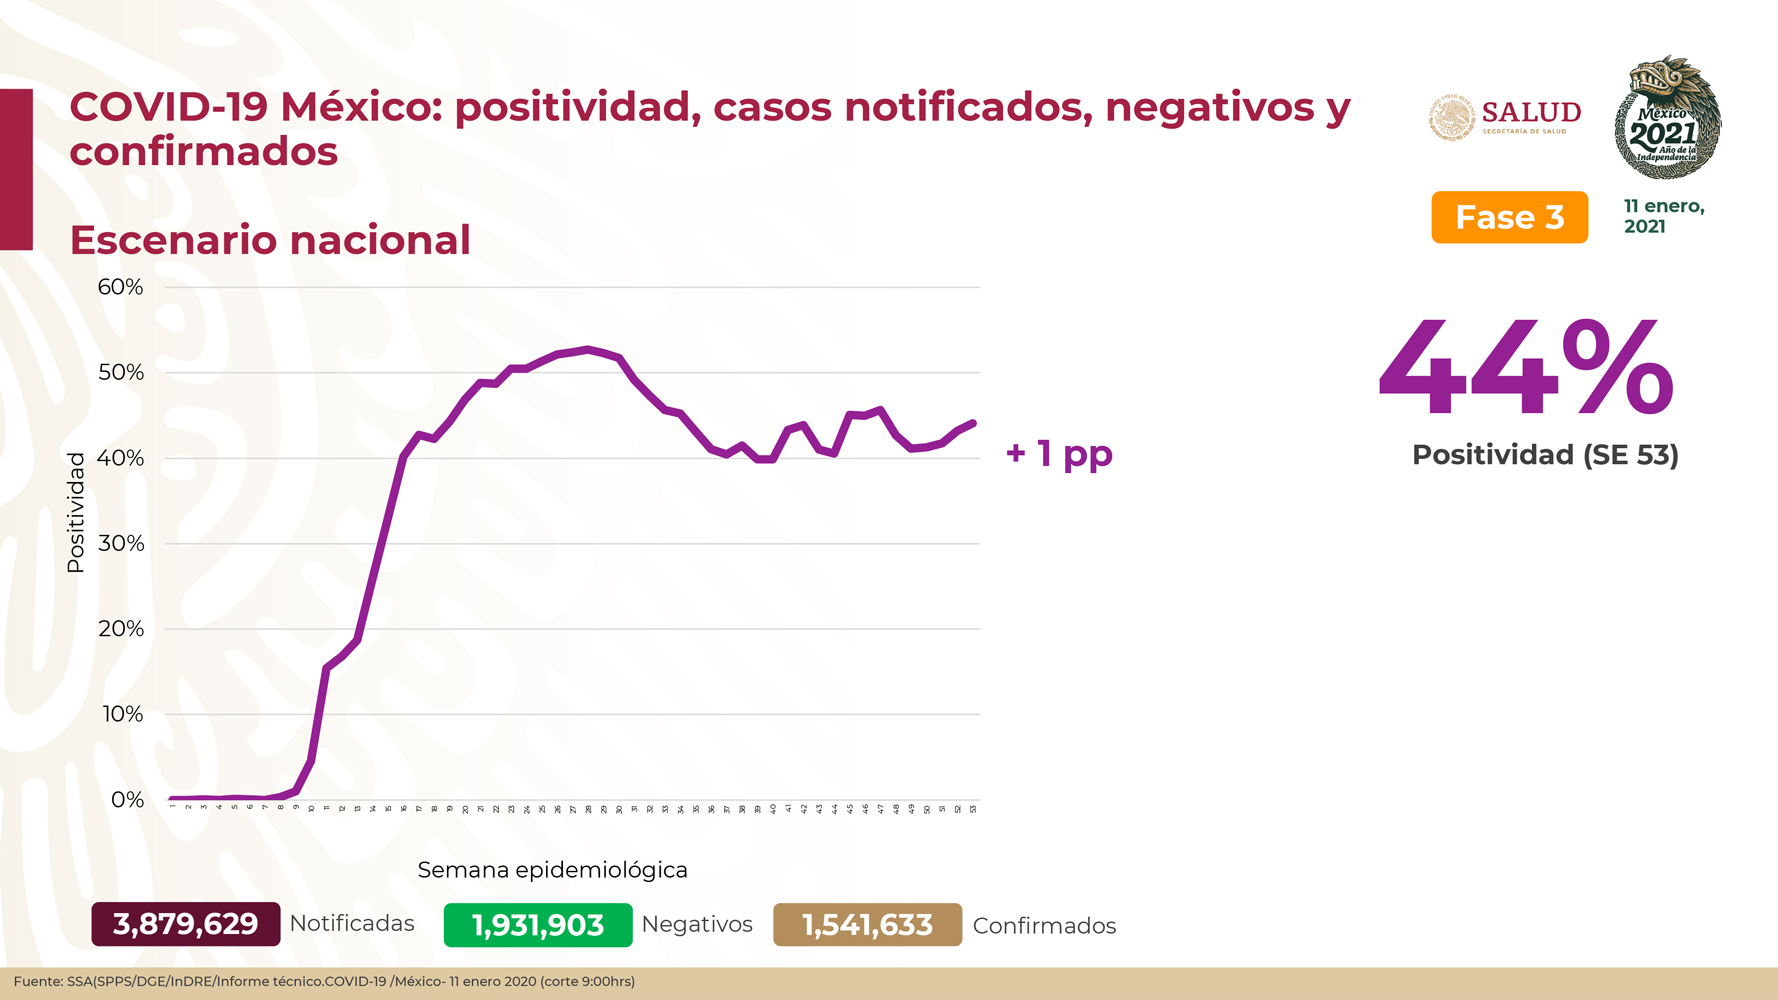 México registra 134,368 defunciones por COVID- 19 y 1,541,633 casos confirmados: SSA